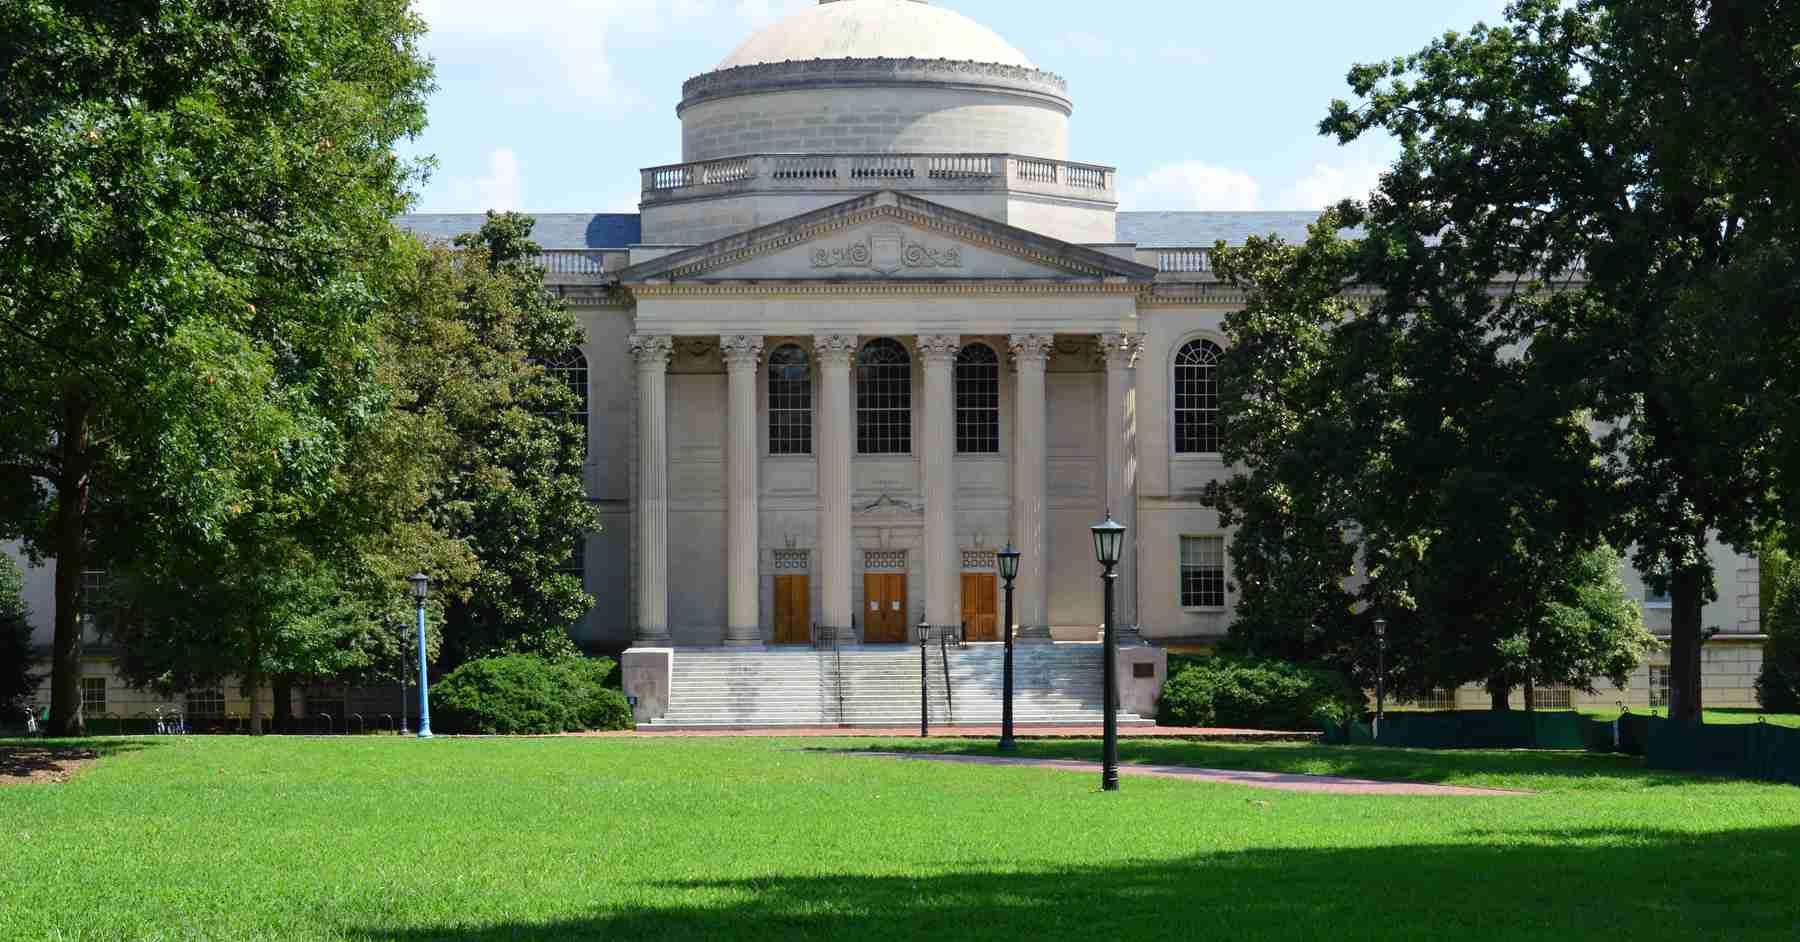 university of north carolina at chapel hill - niche